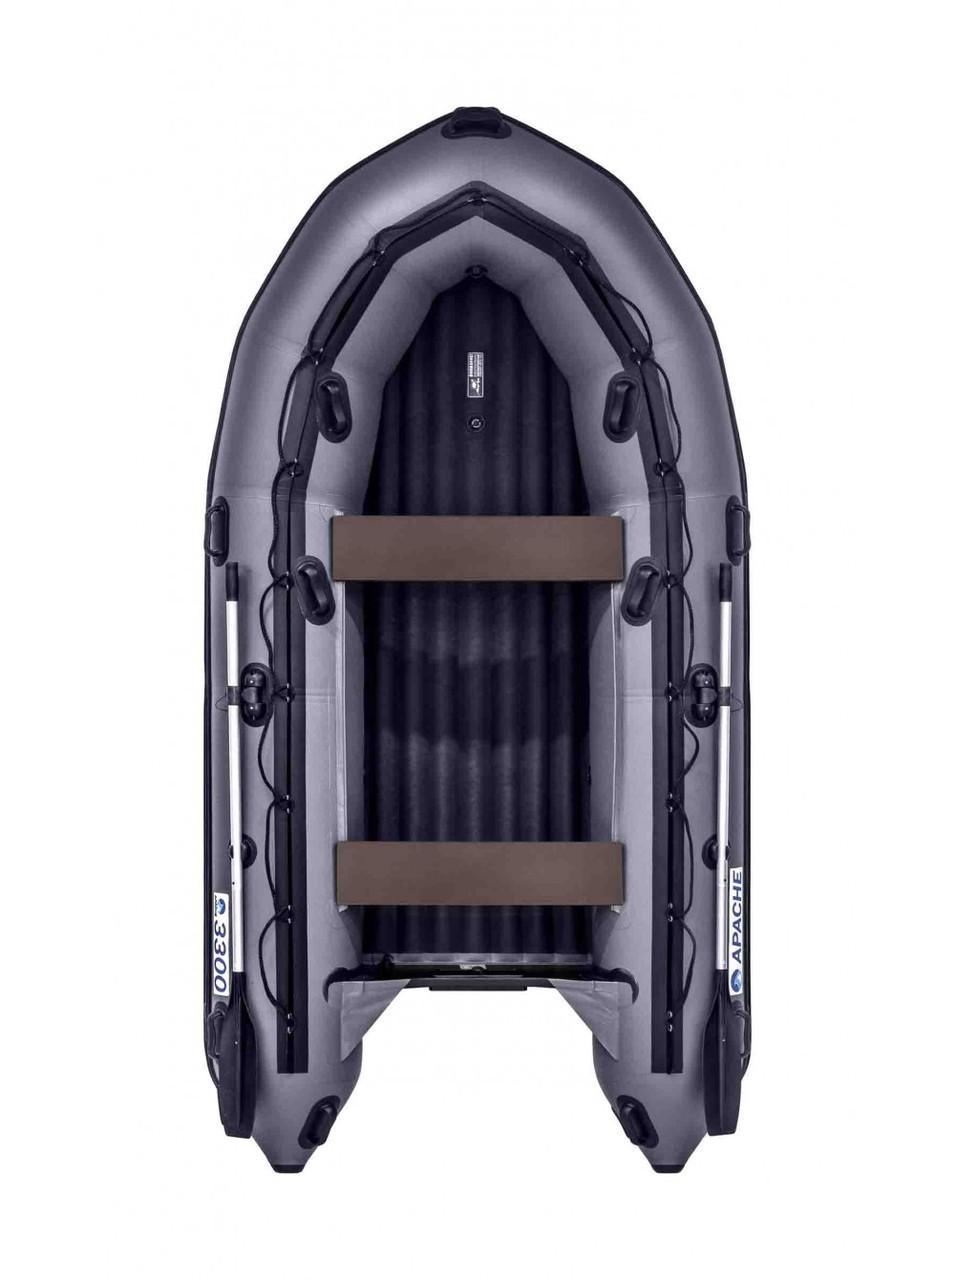 Лодка надувная моторно-гребная килевая Apache  3300НДНД, Грузоподъемность: 550кг, Вместимость: 3 чел., Кол-во